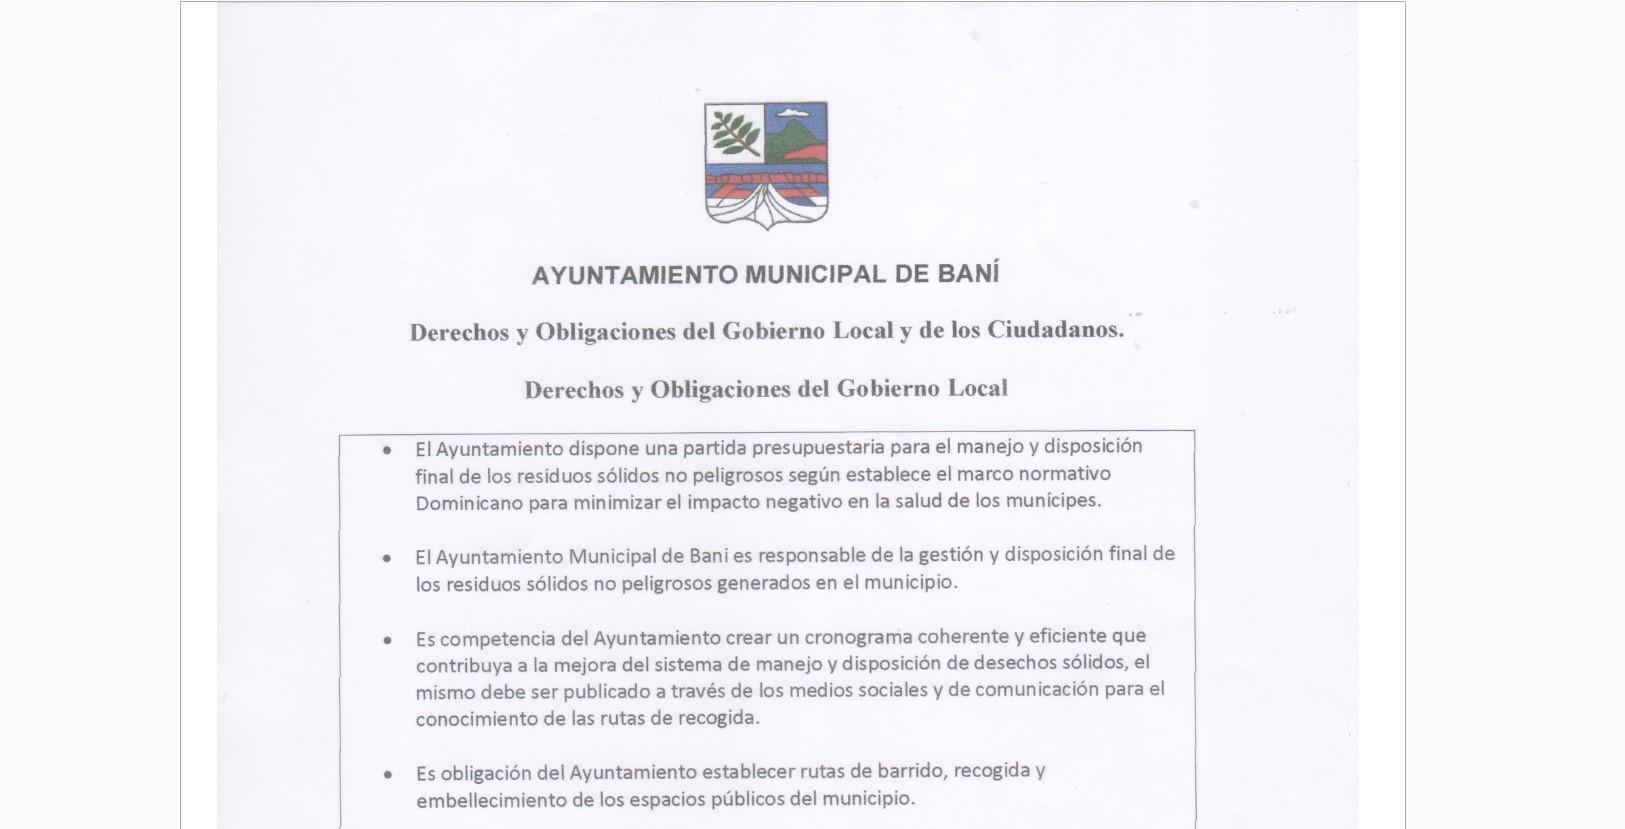 Derechos y Obligaciones del Gobierno Local y de los Ciudadanos